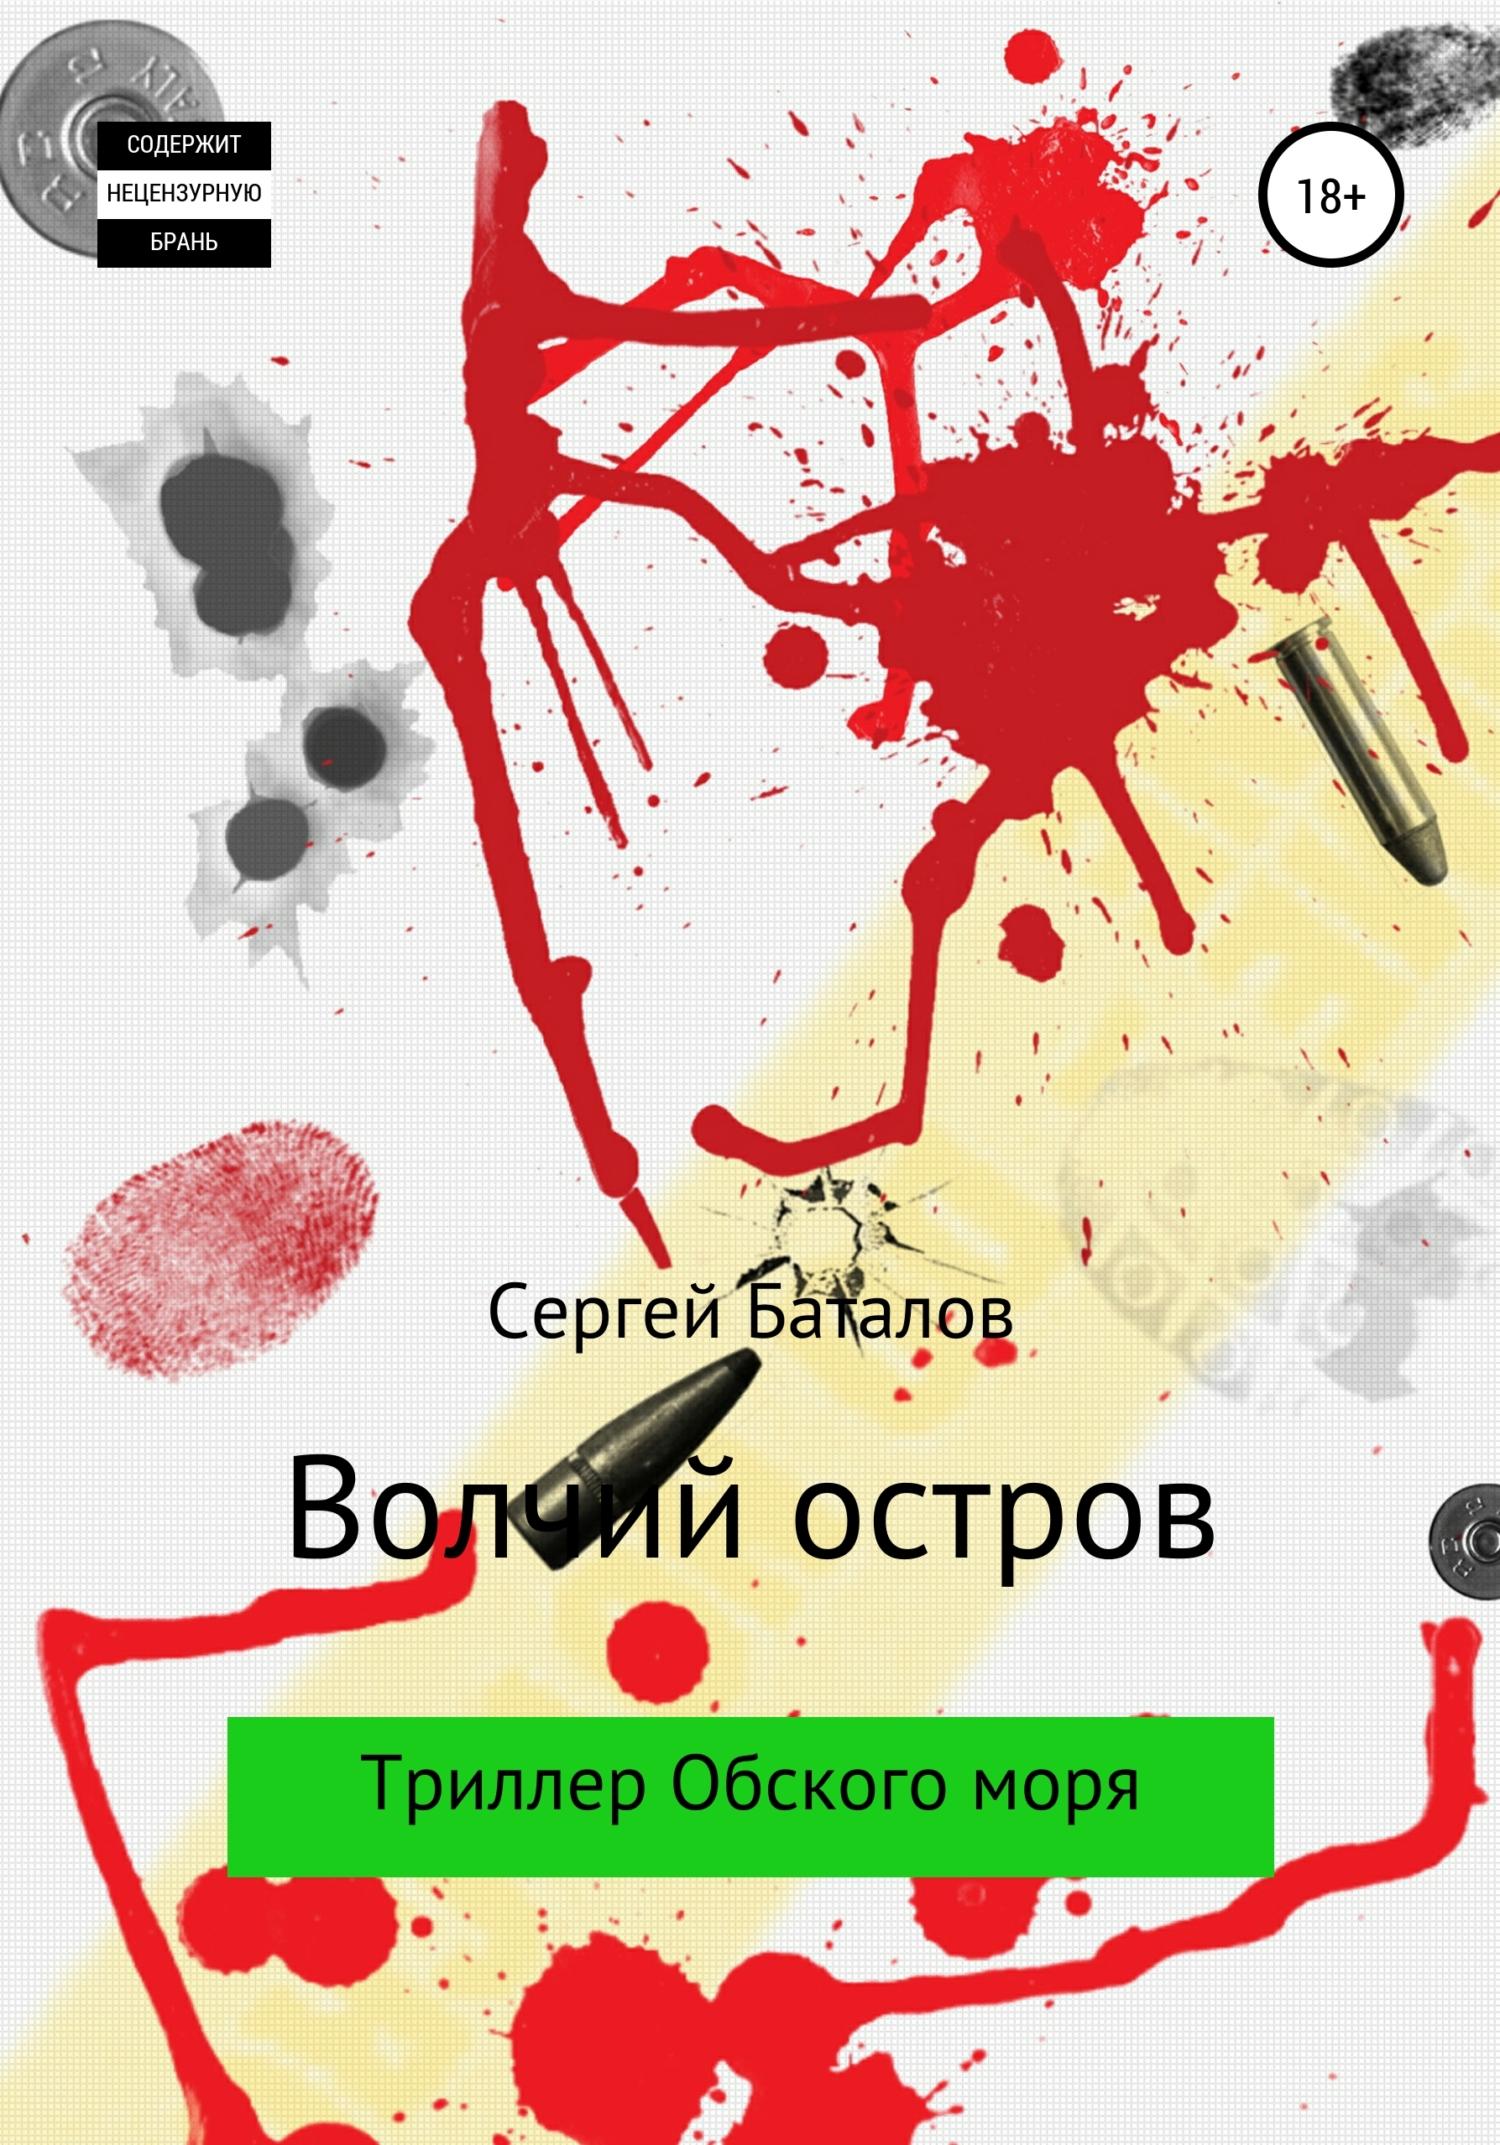 Сергей Баталов - Волчий остров